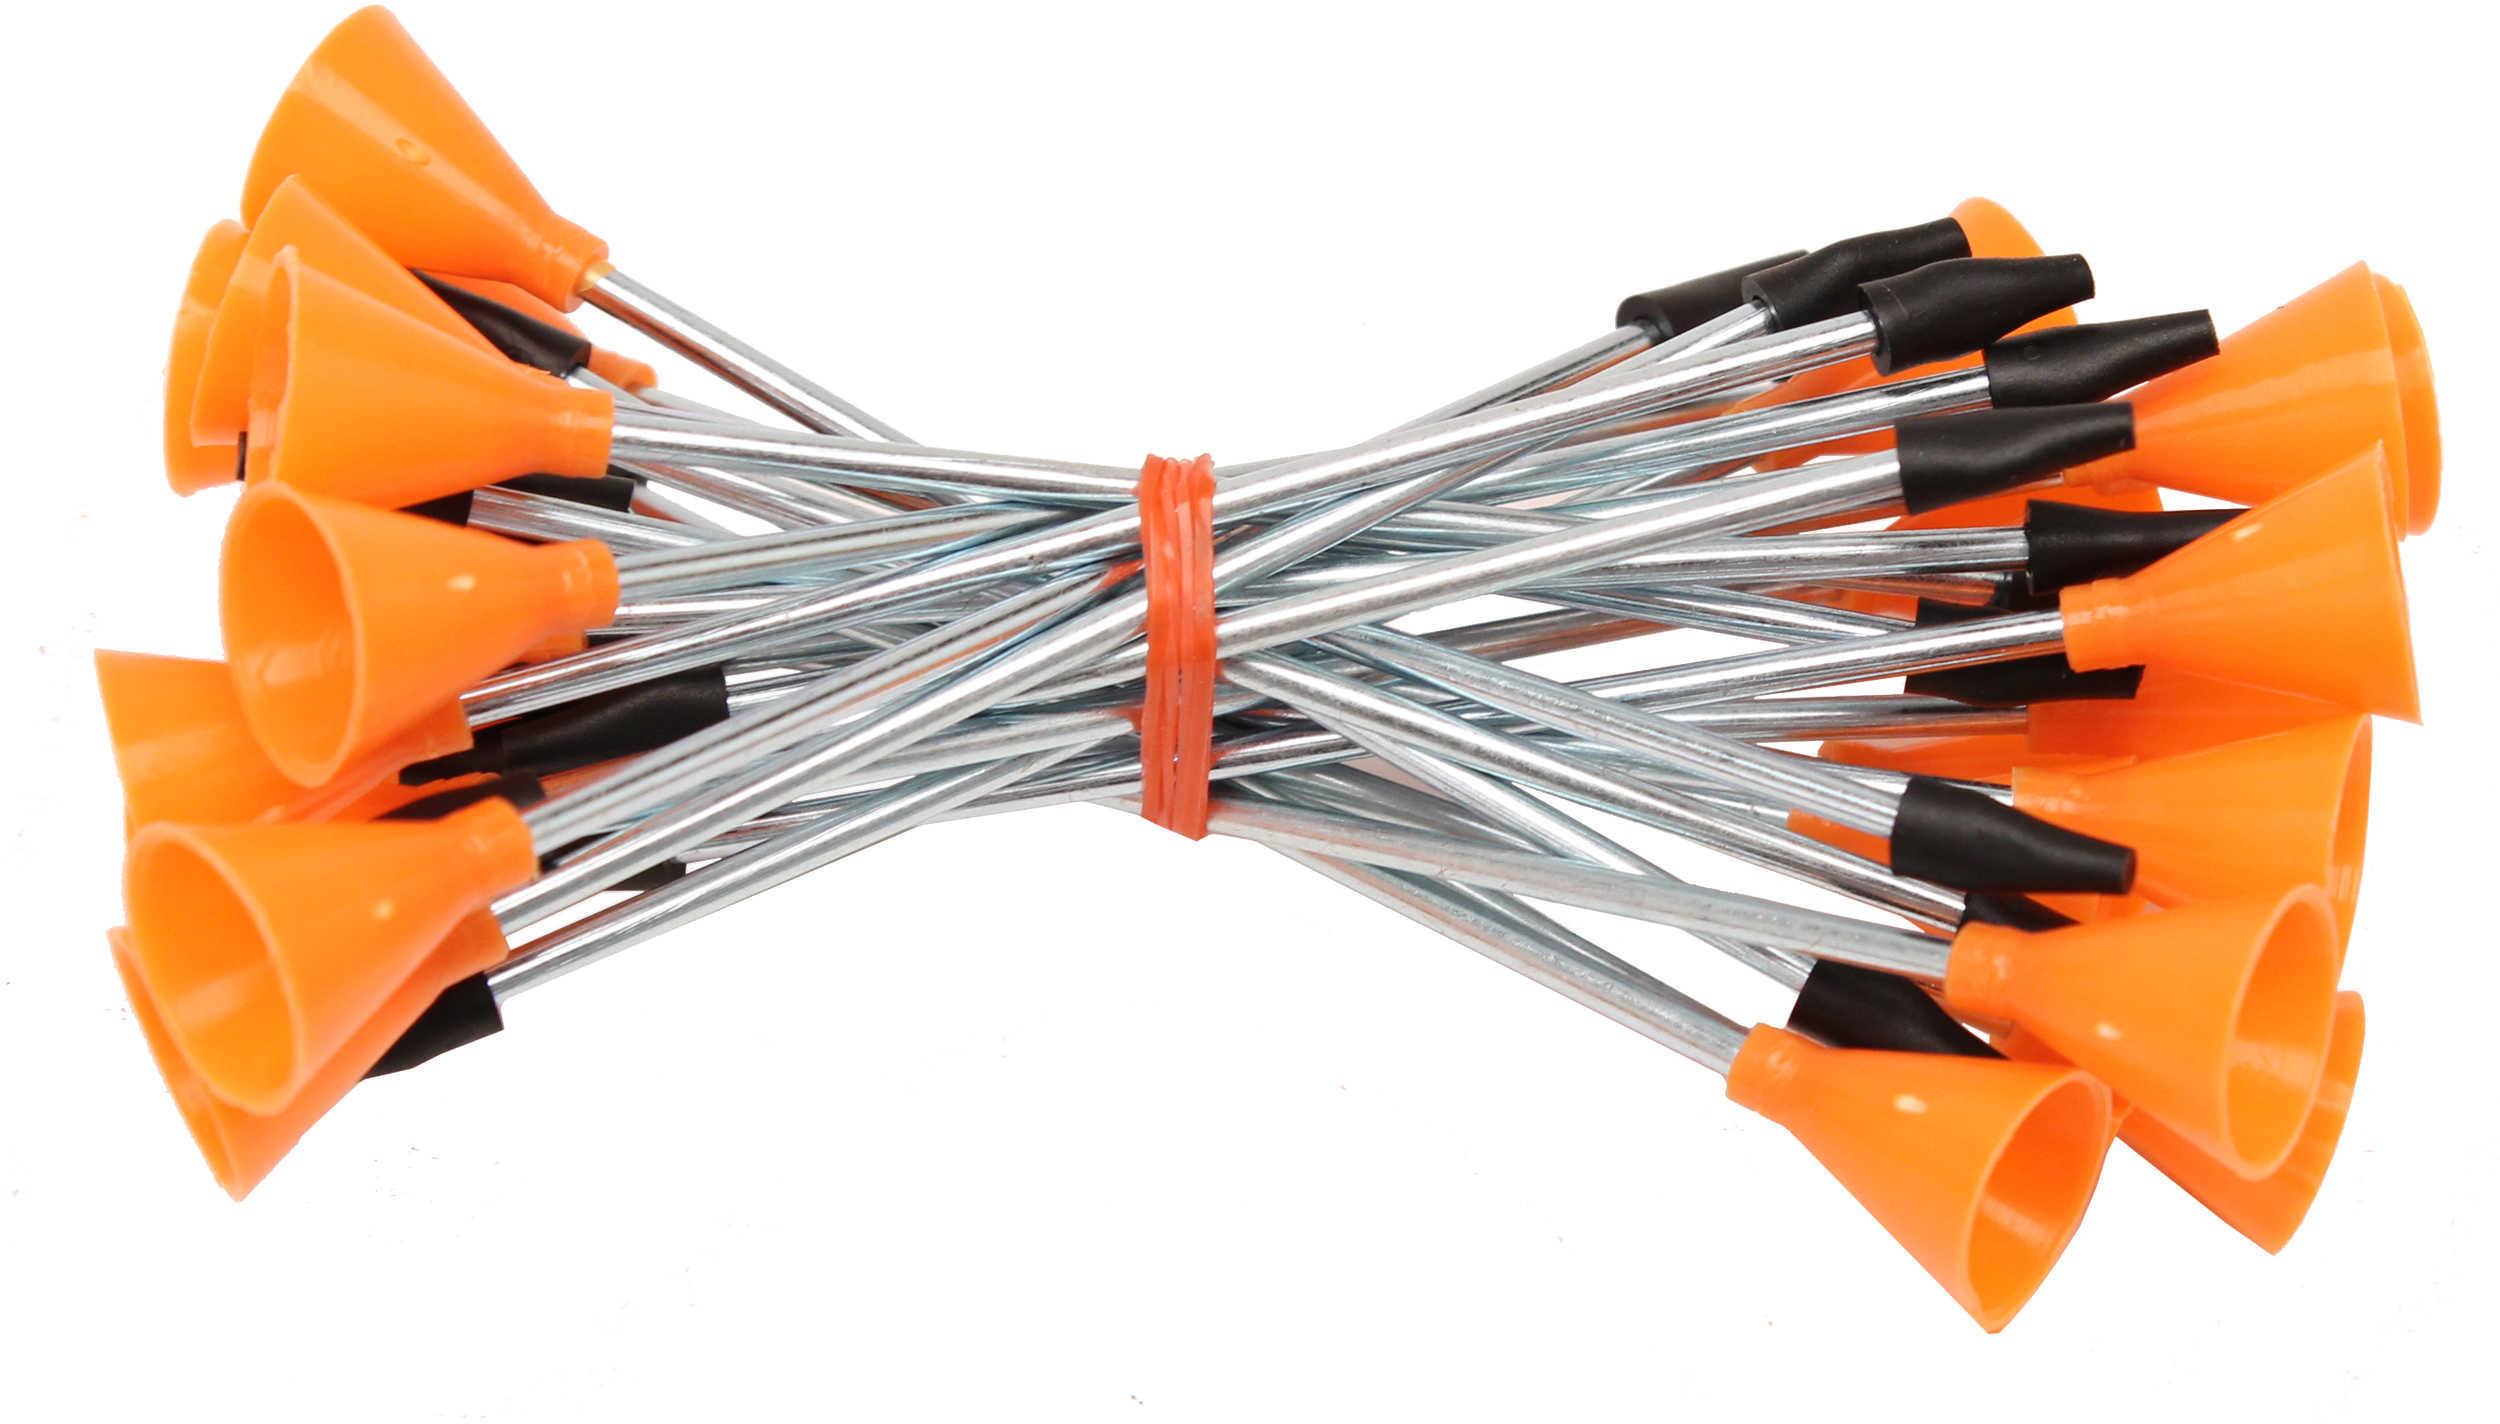 Cold Steel Blowgun Darts Mini Broad Head Darts Md: B625M